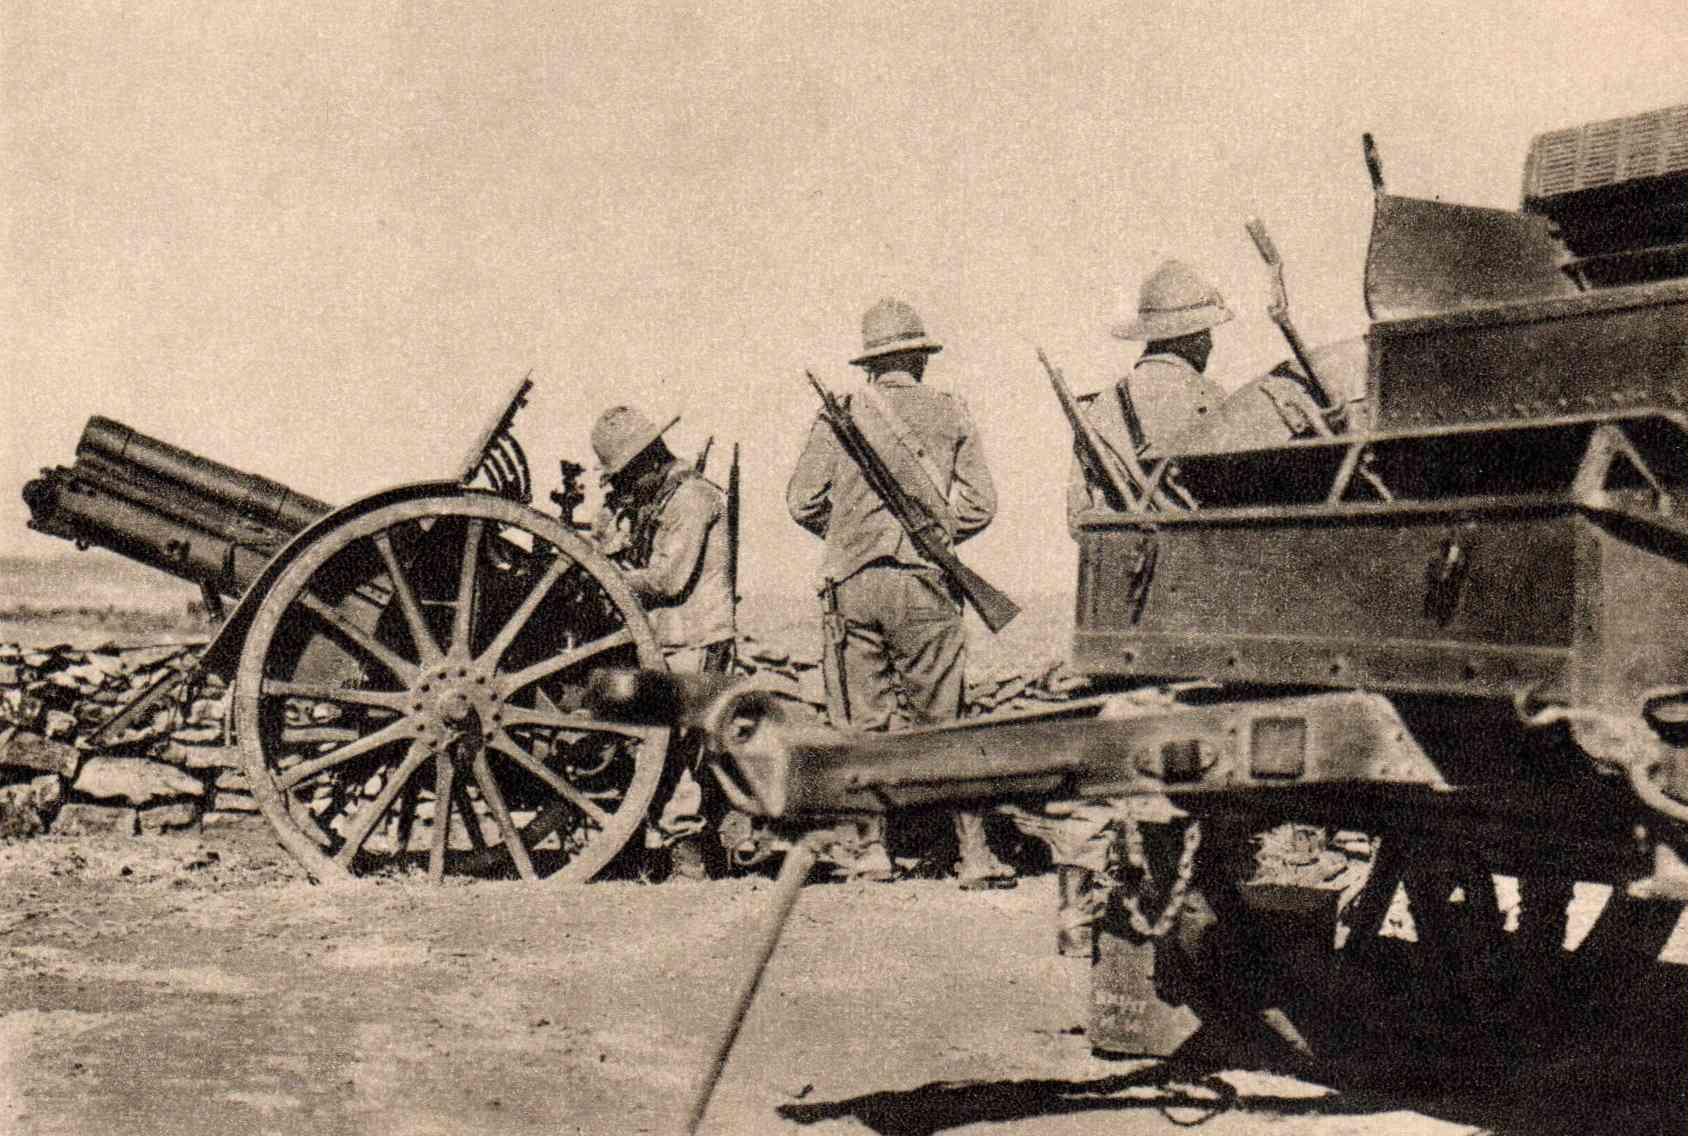 صورة لعدد من الجنود الإيطاليين باثيوبيا سنة 1936